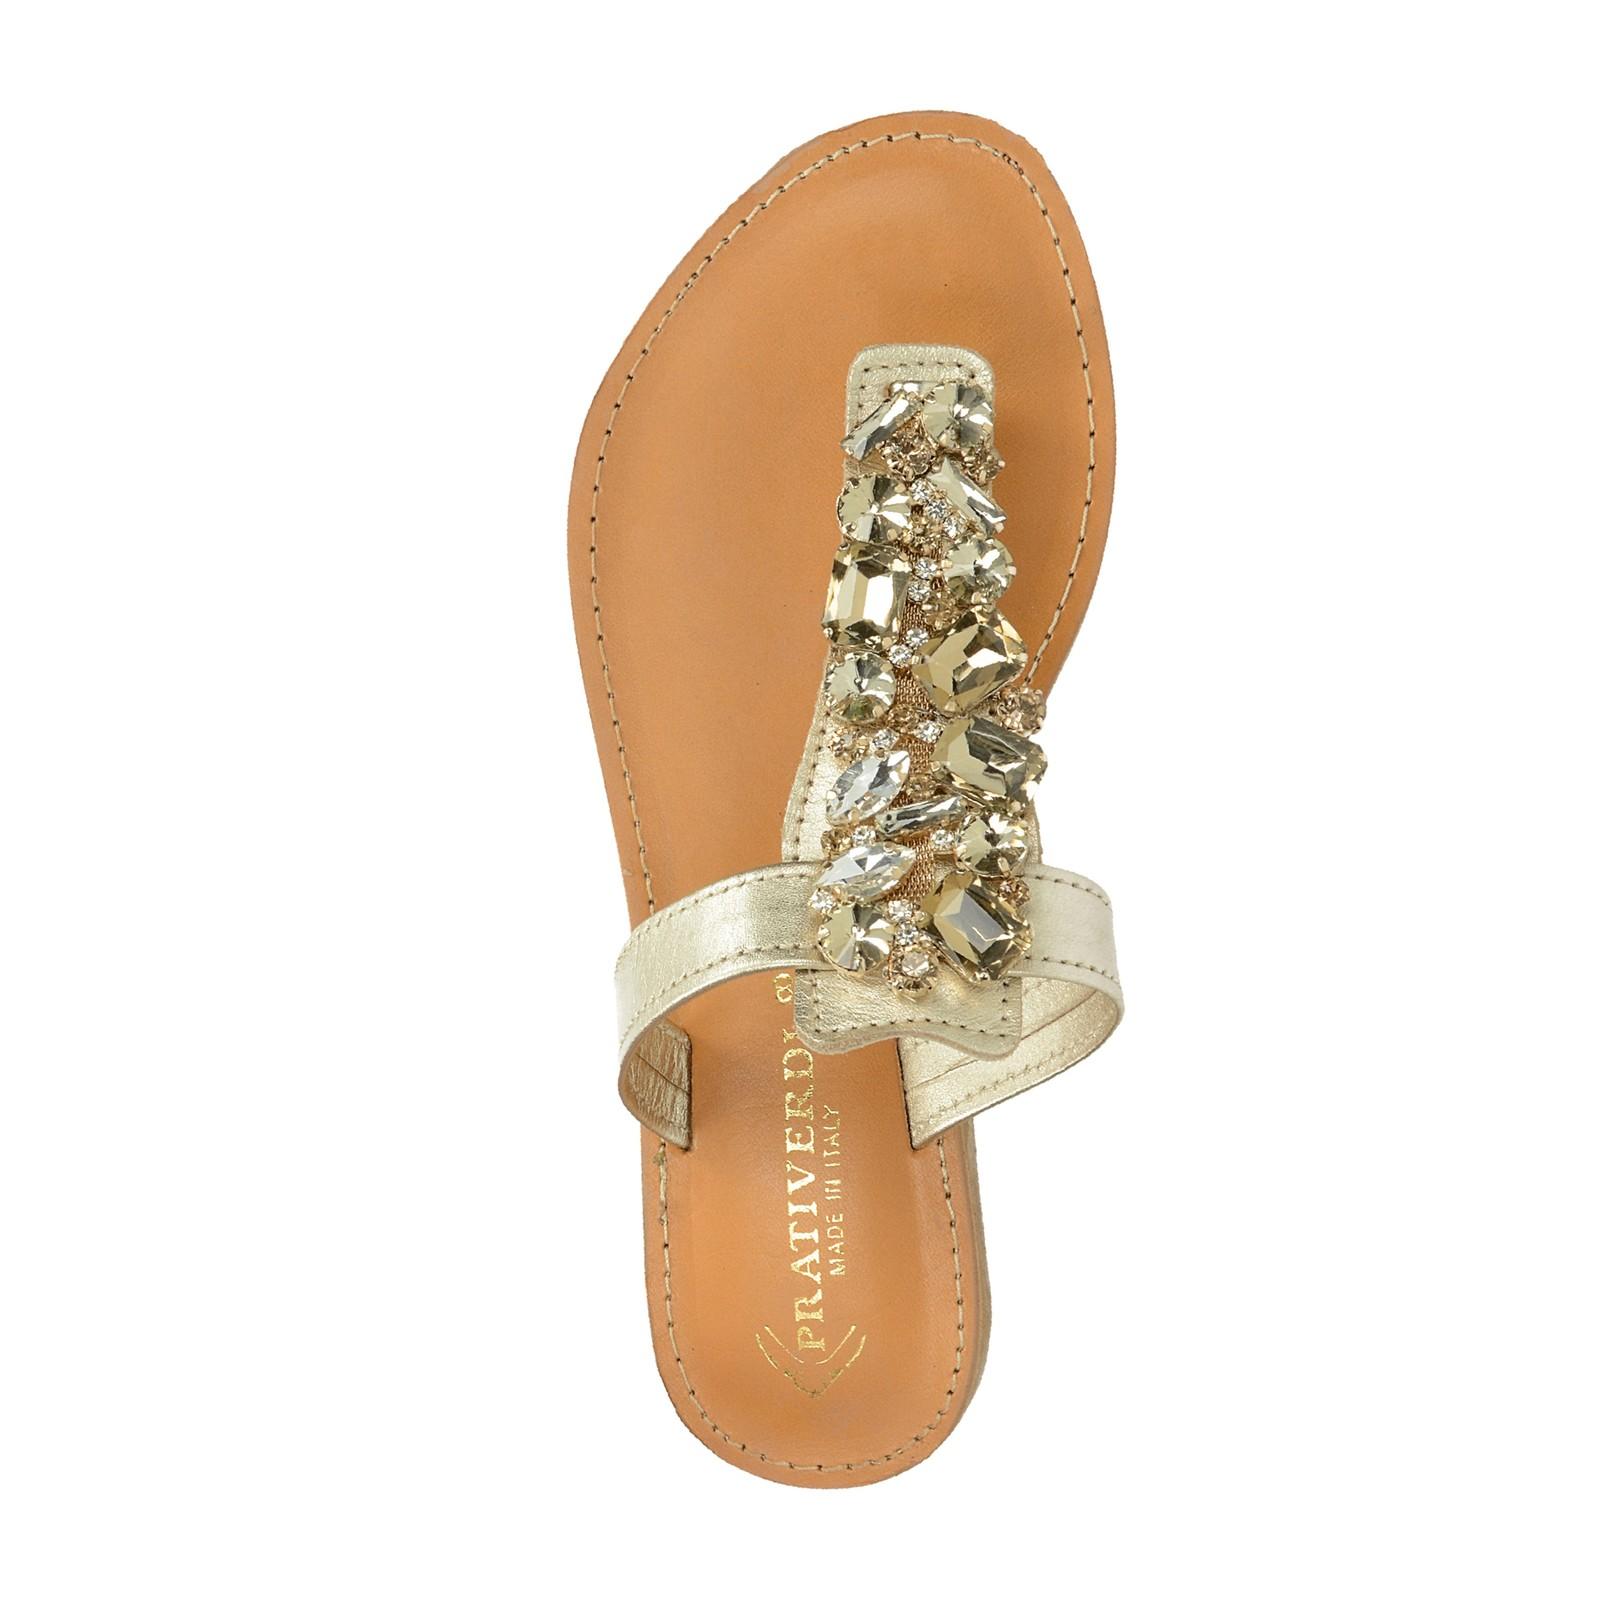 Prativerdi dámske elegantné plážovky s ozdobnými kamienkami - zlaté